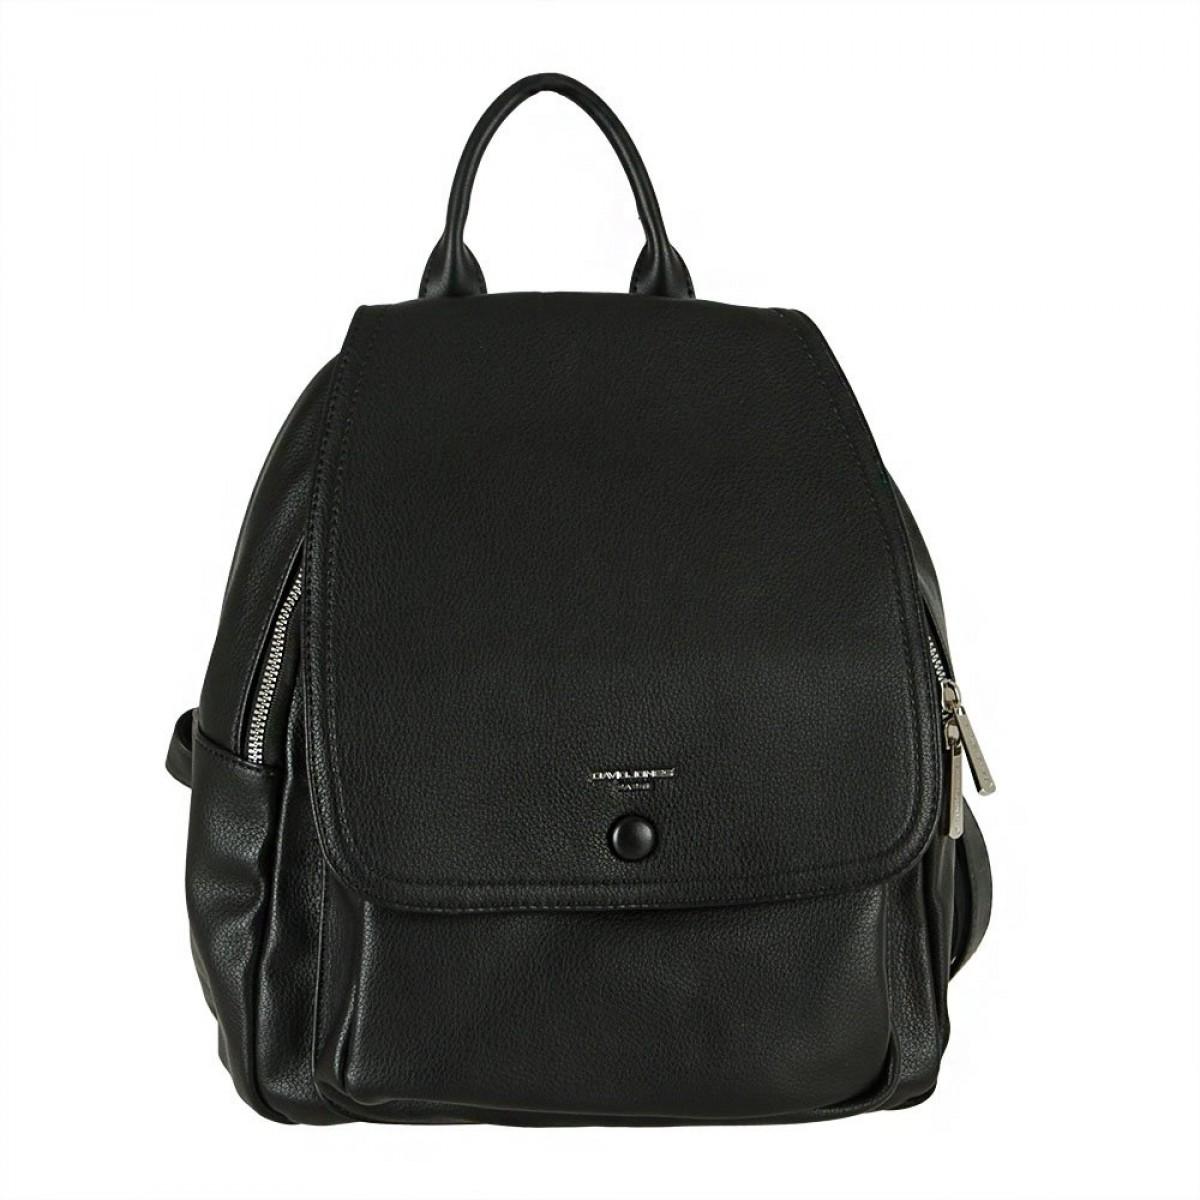 Жіночий рюкзак David Jones 6428-2 BLACK